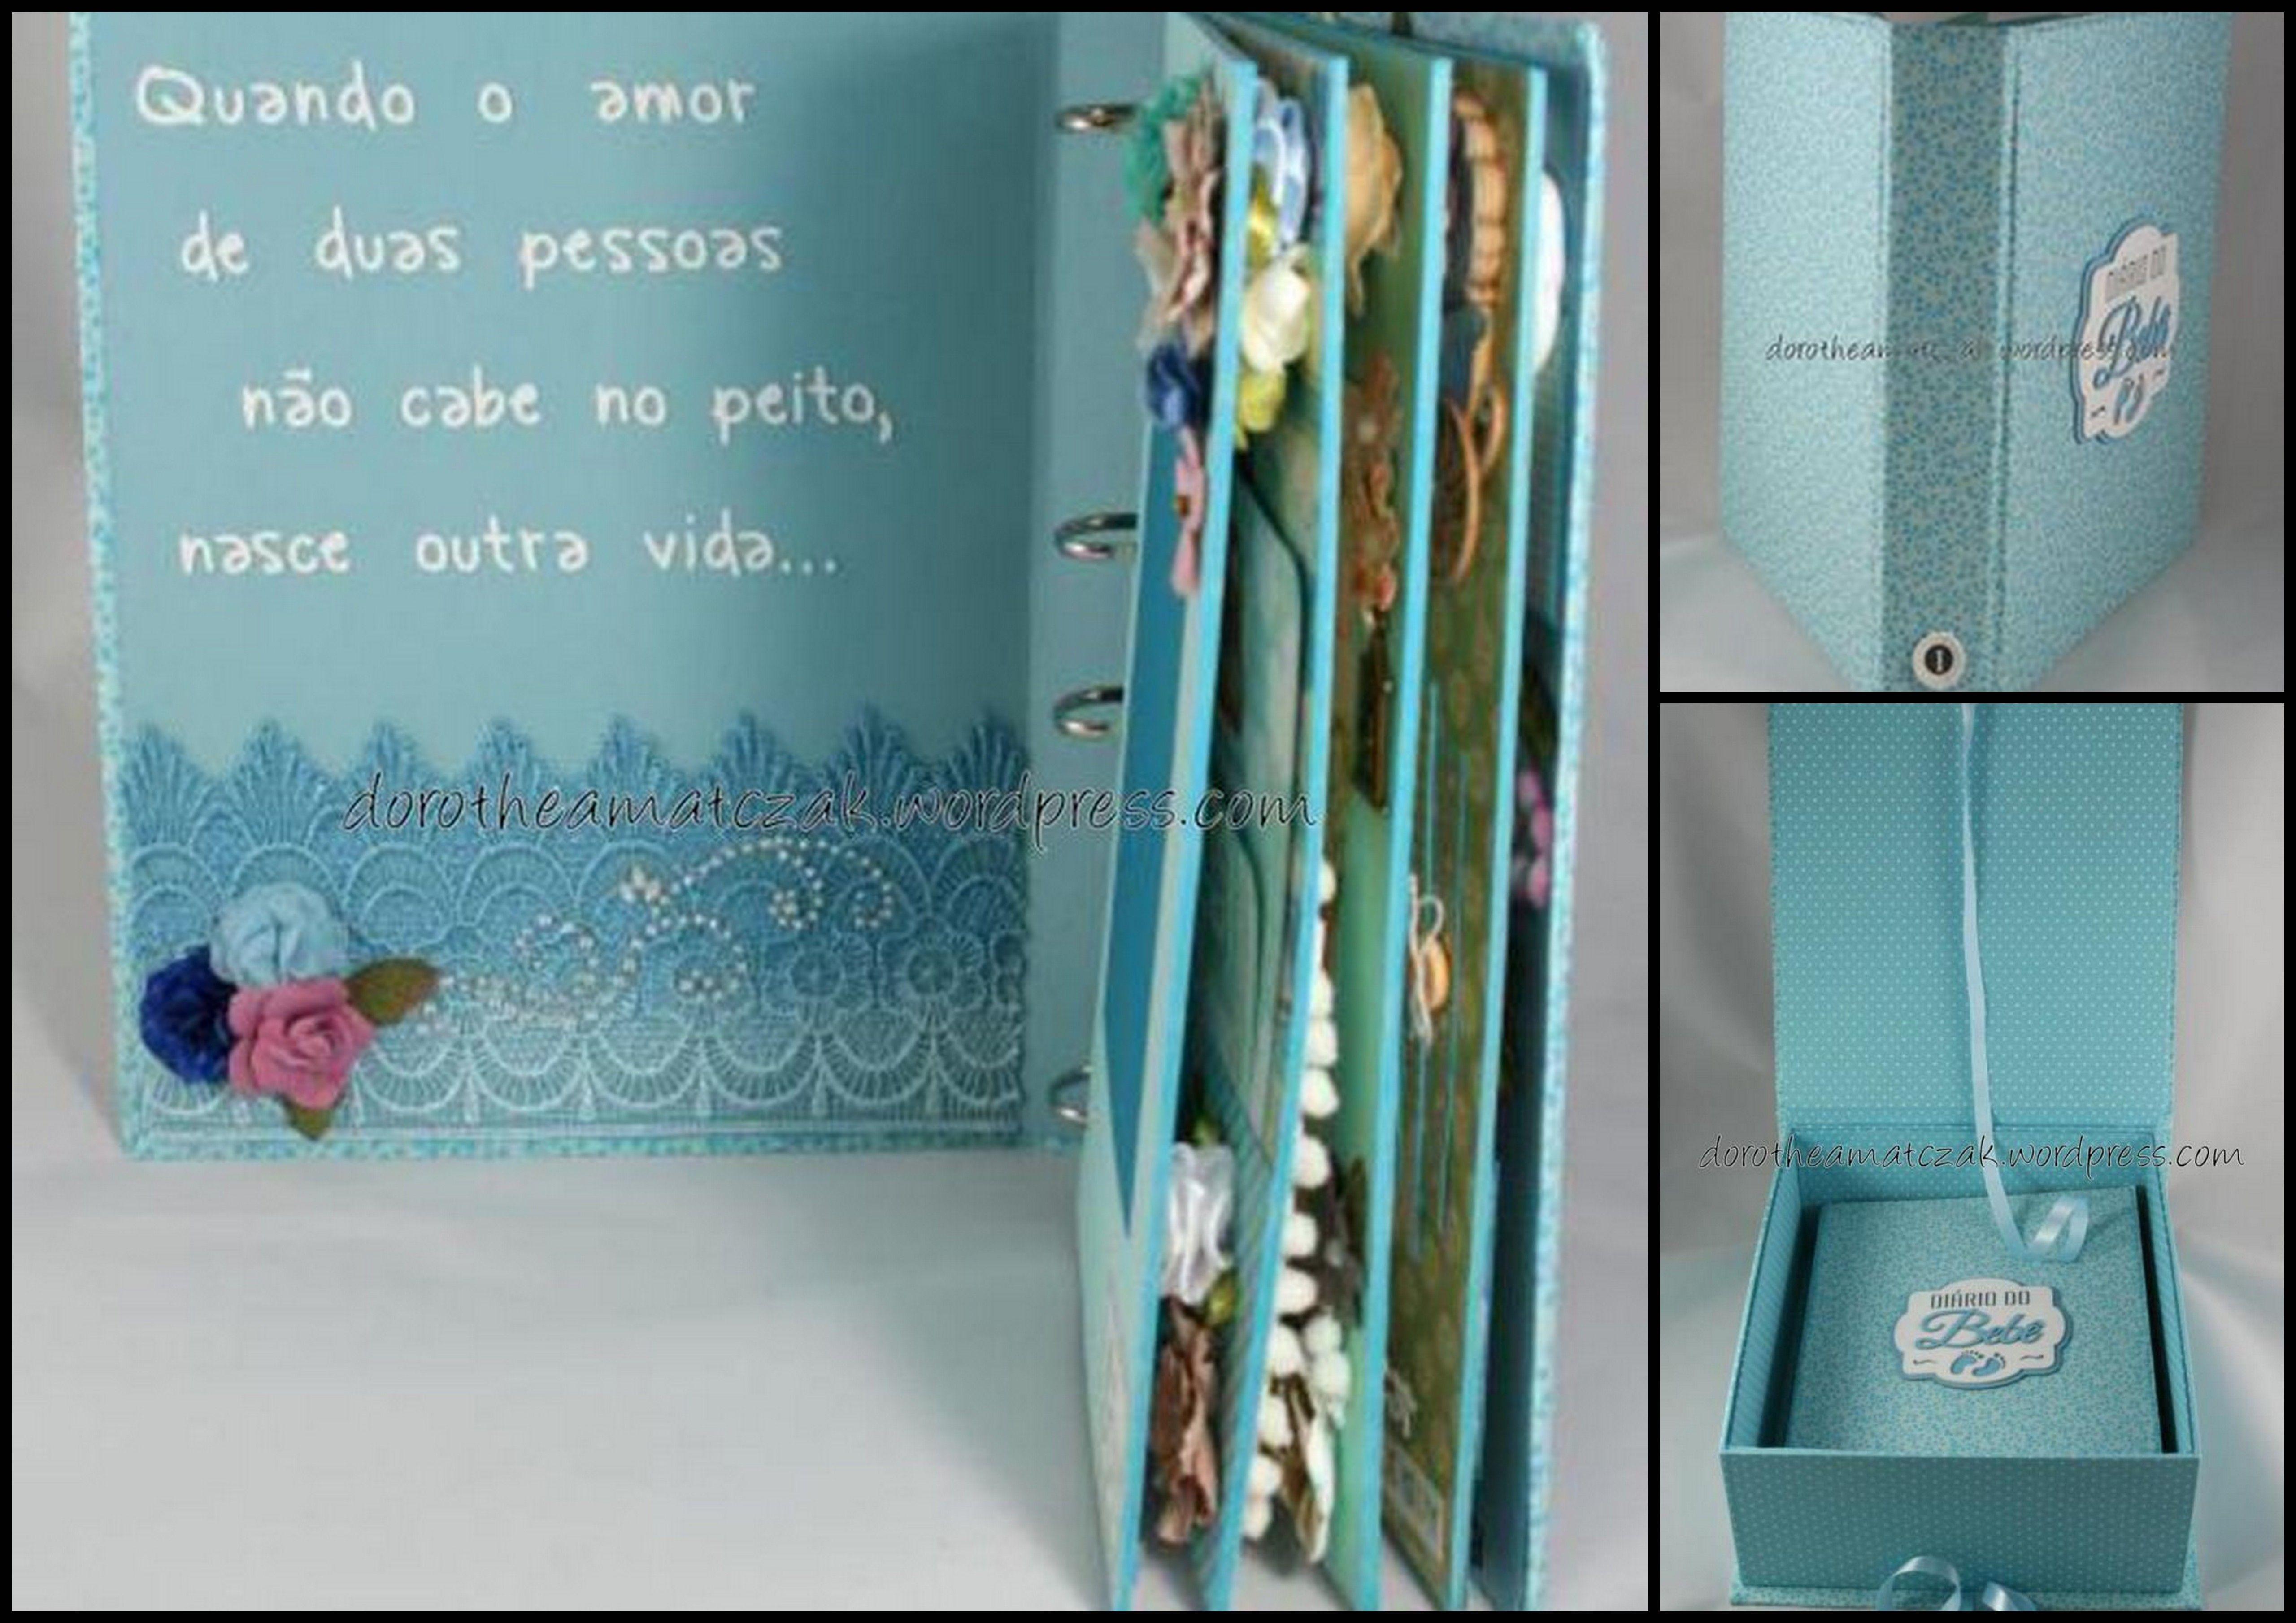 Caixa e álbum para registrar o nascimento de um príncipe lá do oeste do Paraná...